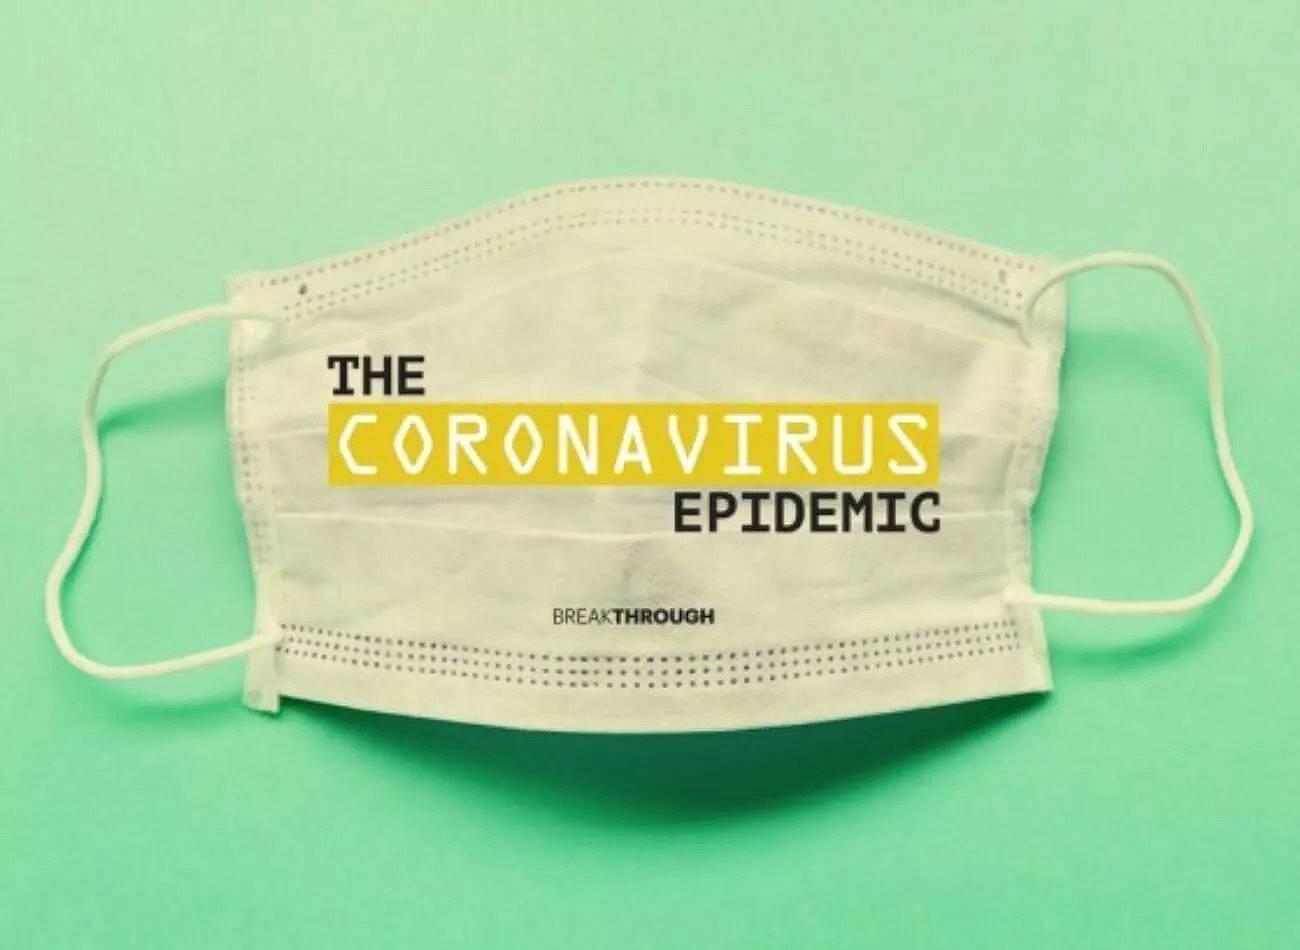 Evdeyken Koronavirüs İle İlgili İzlenebilecek Belgeseller